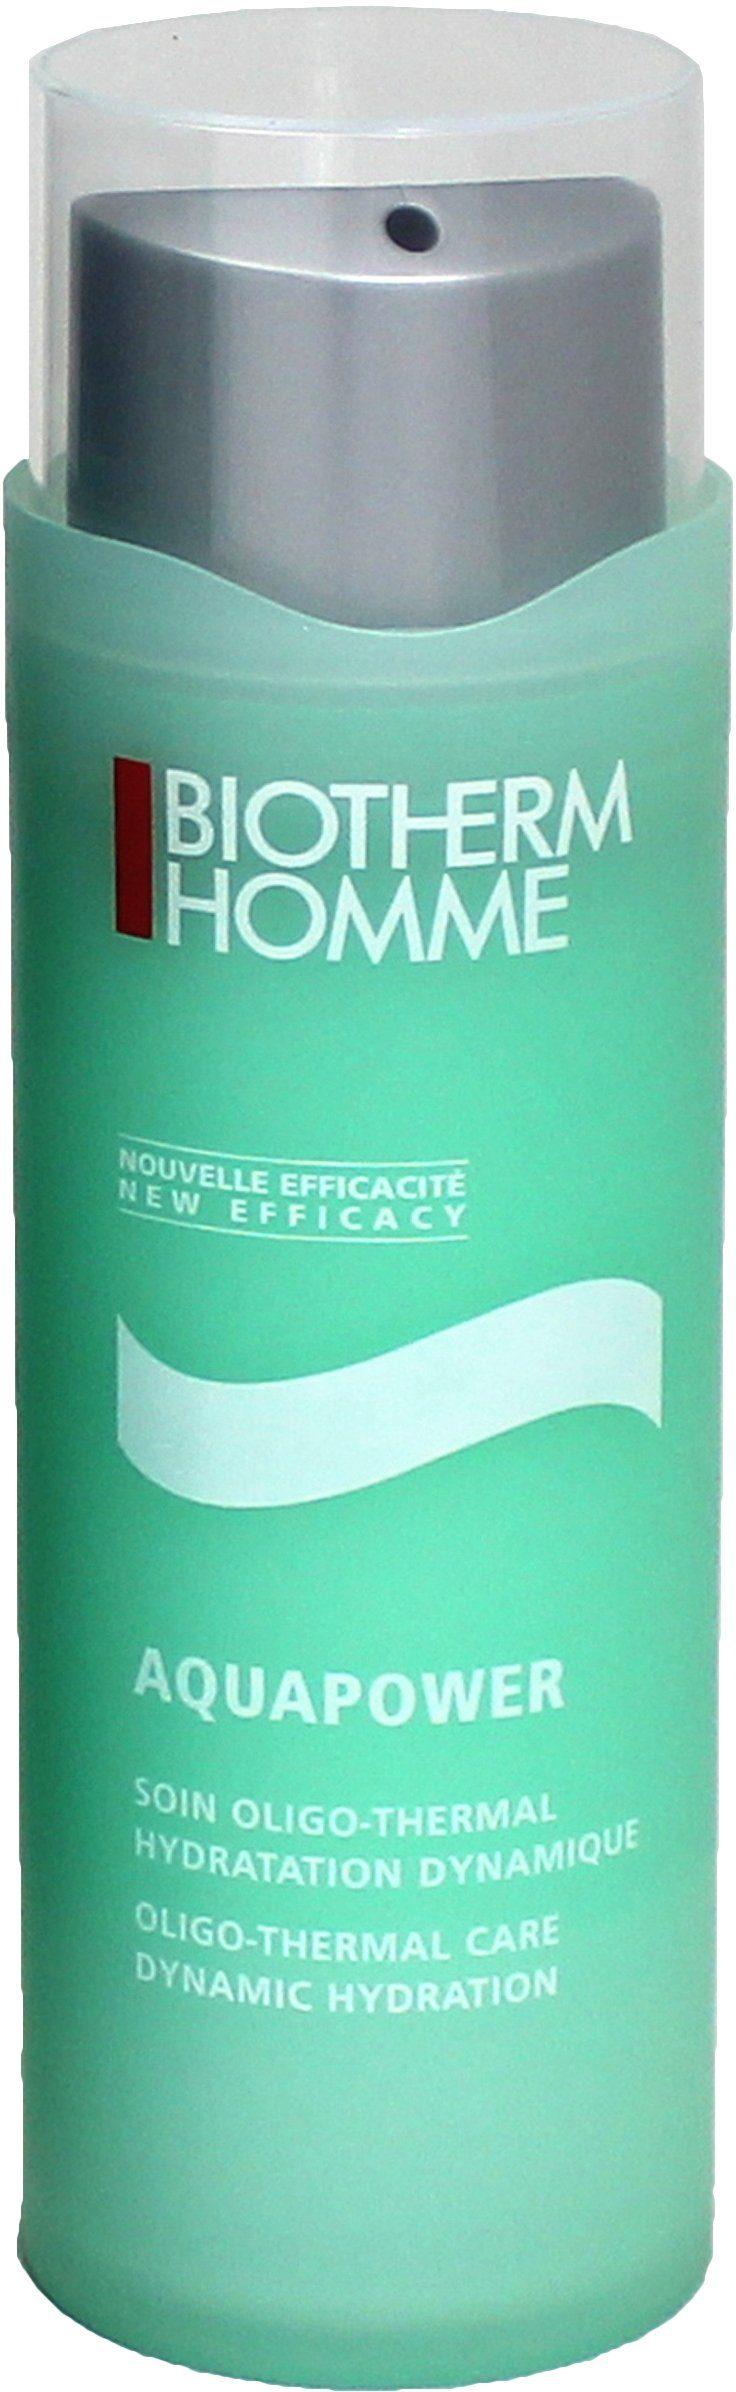 Biotherm Homme, »Aquapower«, Feuchtigkeitspendendes Gesichtspflegegel